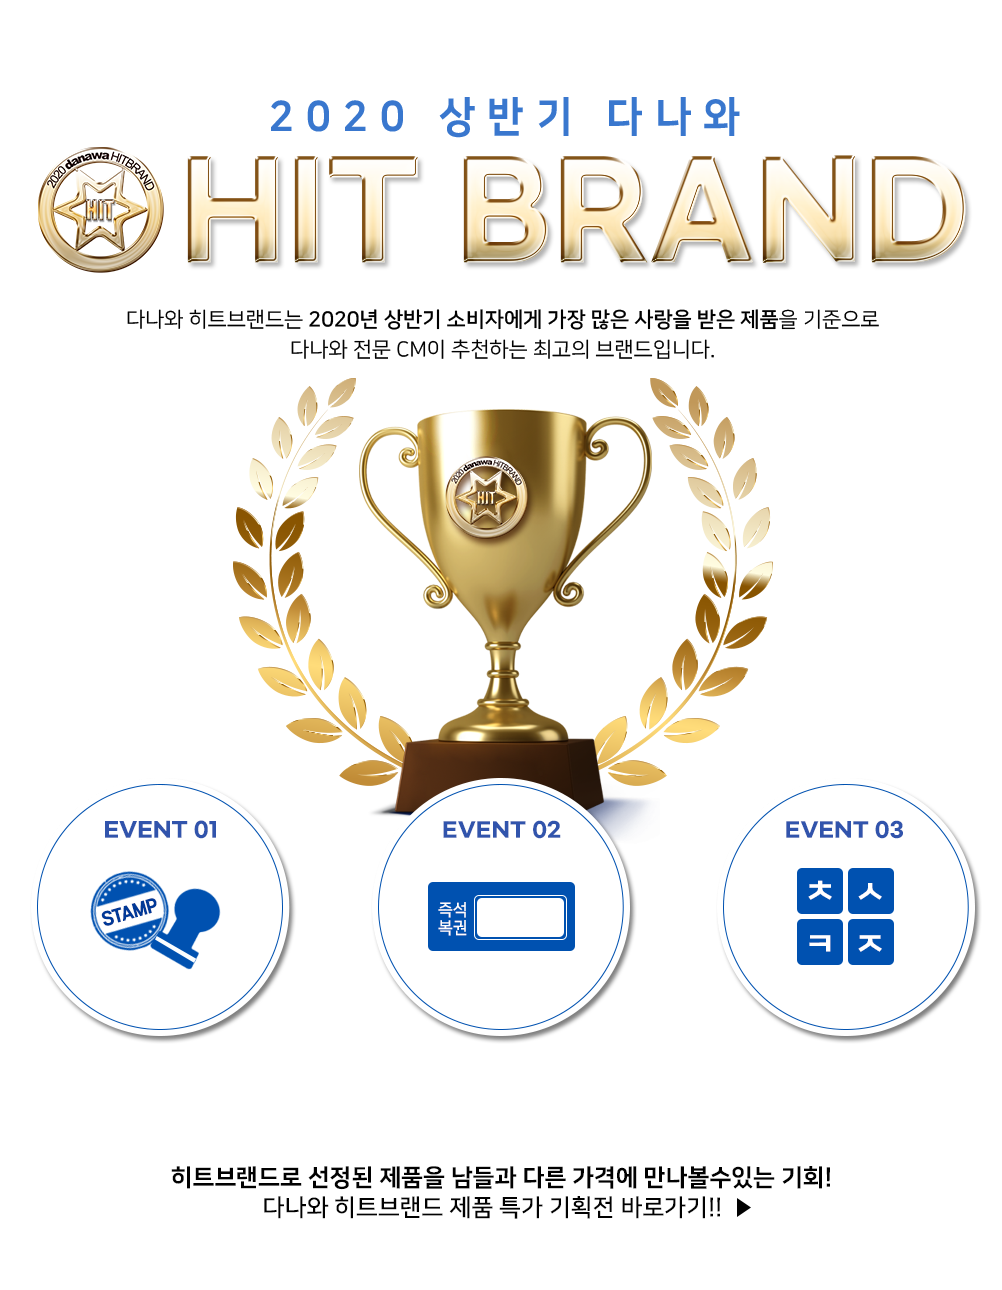 다나와 히트브랜드는 2019년 하반기 소비자에게 가장 많은 사랑을 받은 제품을 기준으로 다나와 전문 CM이 추천하는 최고의 브랜드입니다.